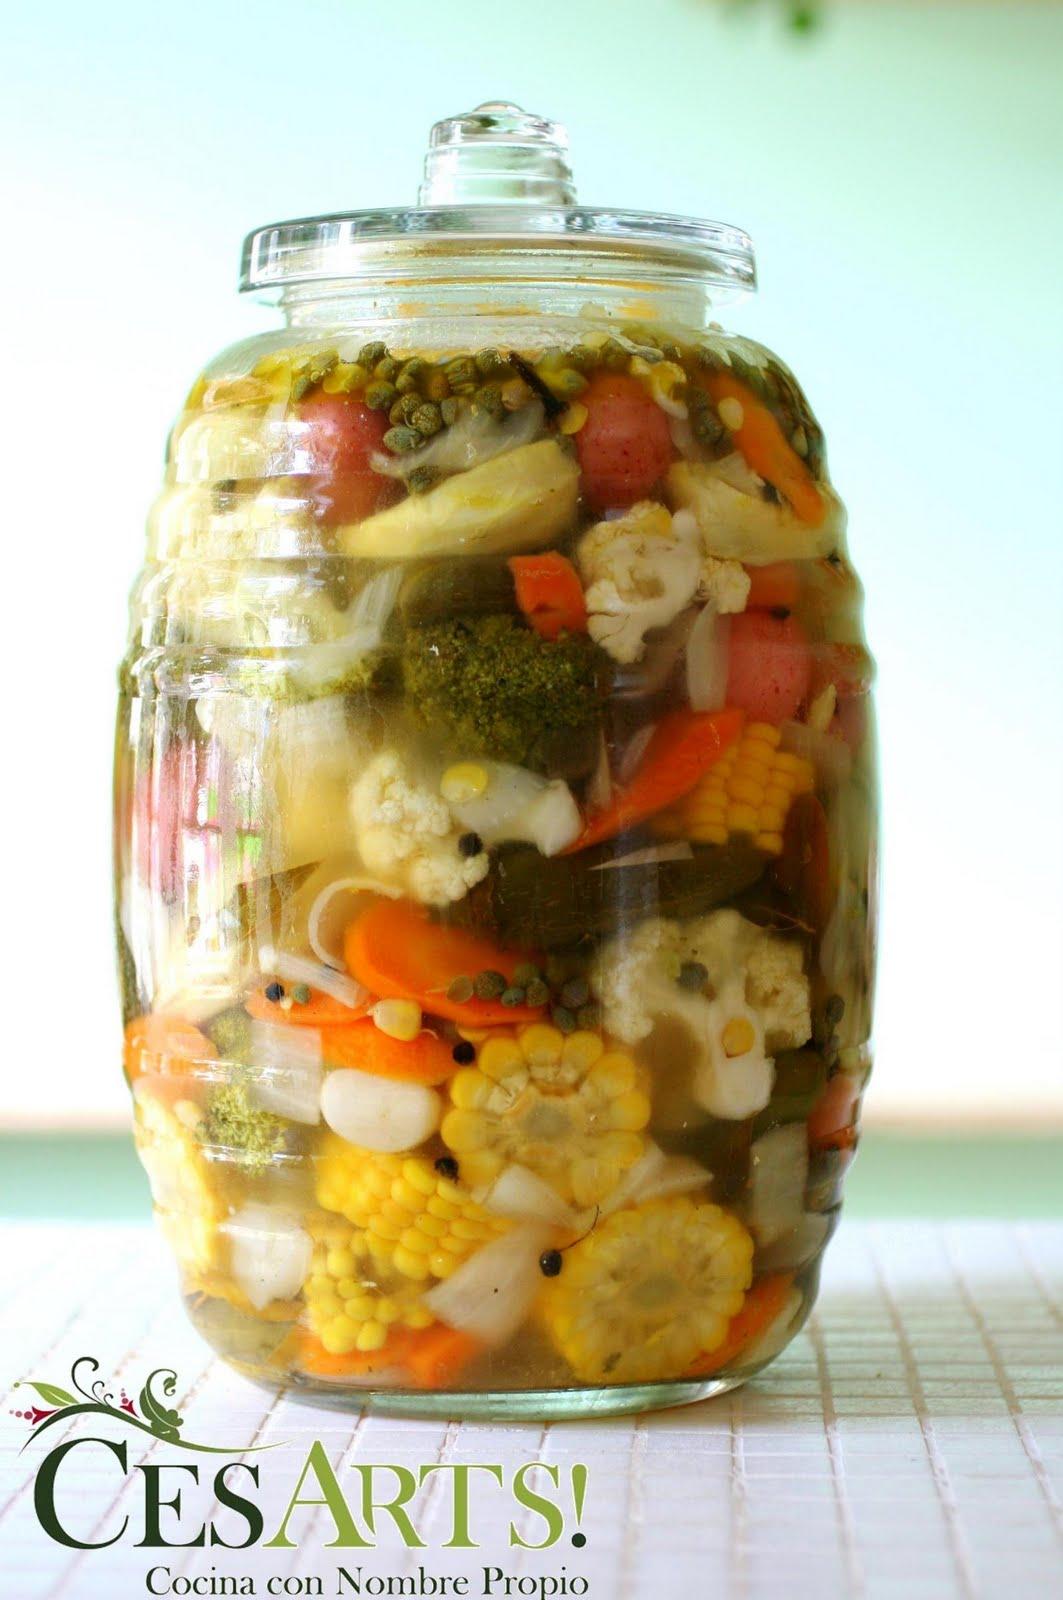 Cesarts sencillas recetas - Encurtido de zanahoria ...